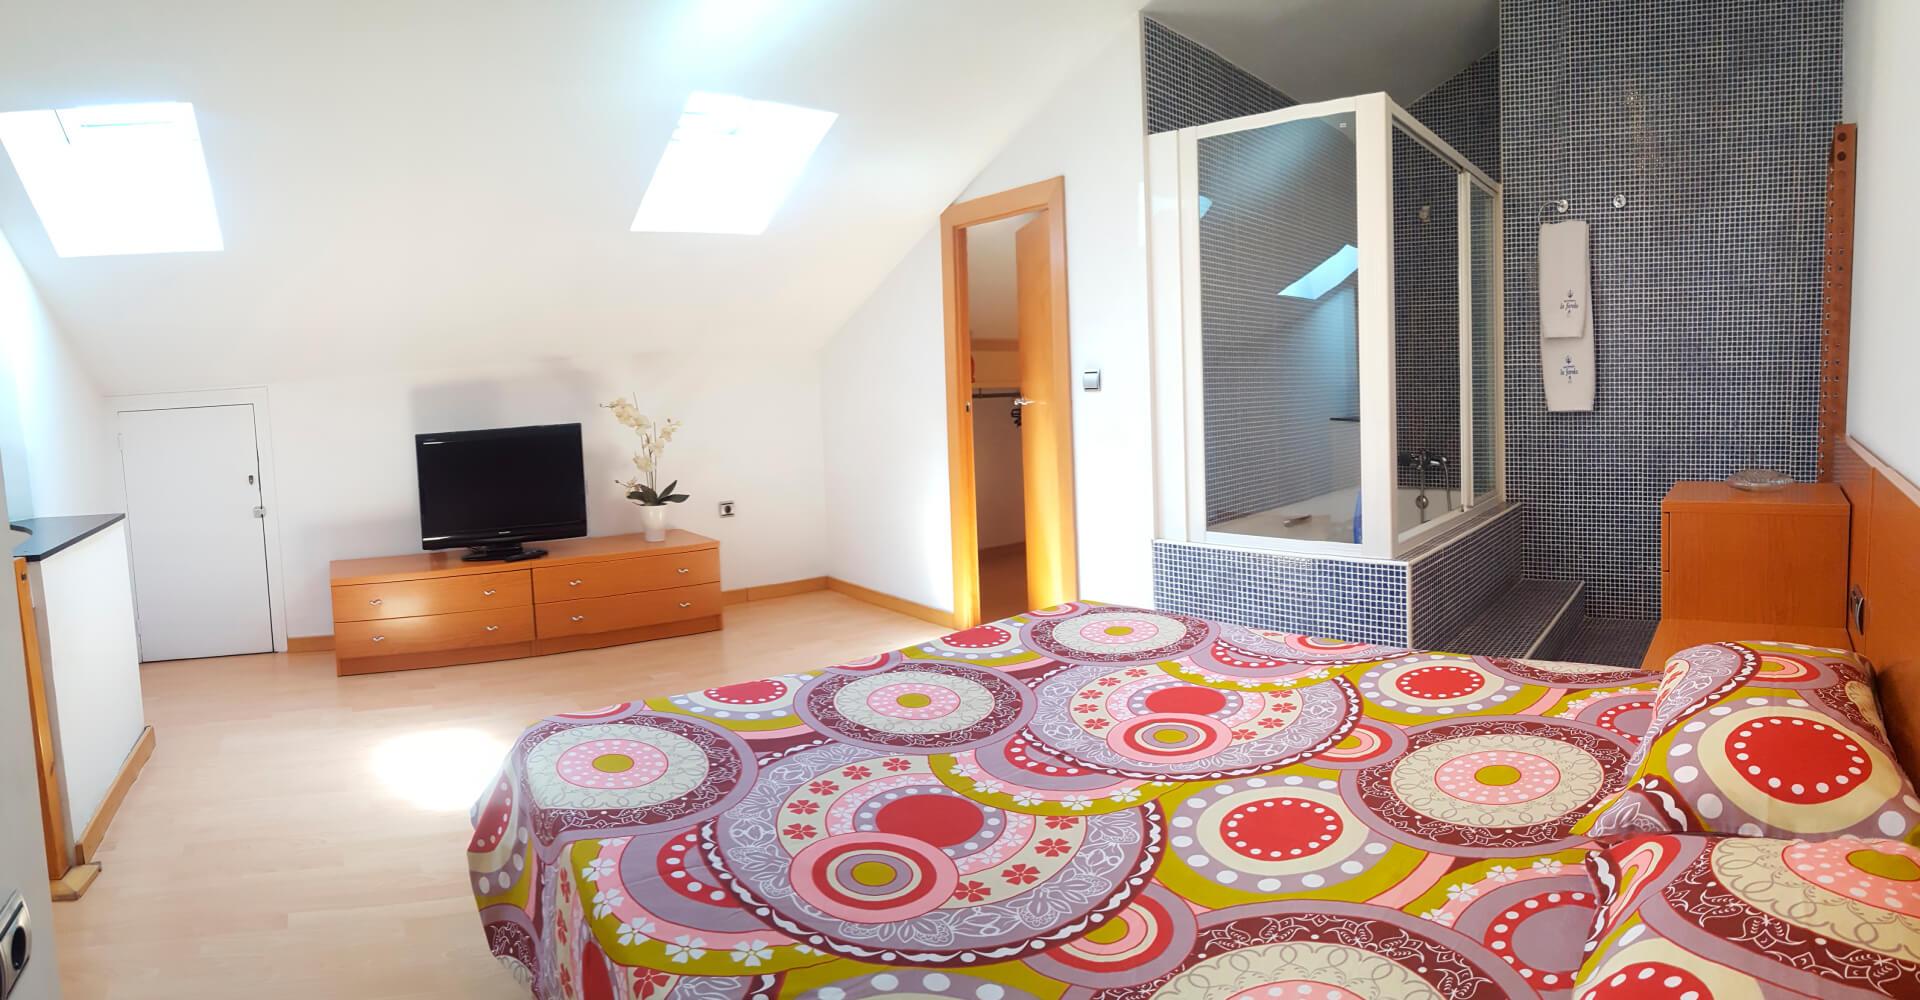 apartaments-i-parking-la-farola-manresa-006